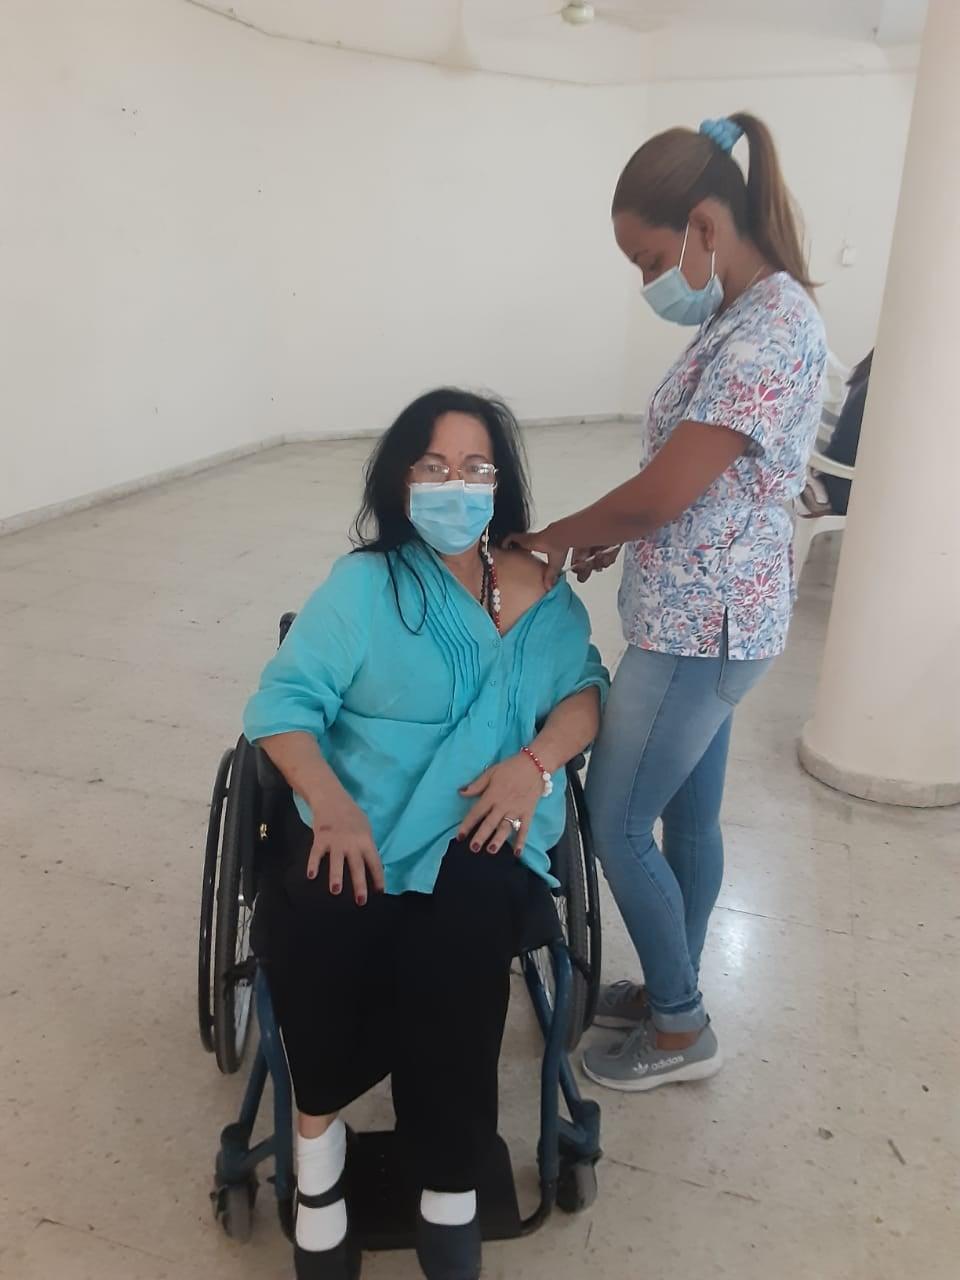 Vacunación para el COVID 19, en la  fase de inoculación para personas mayores de 70 años.